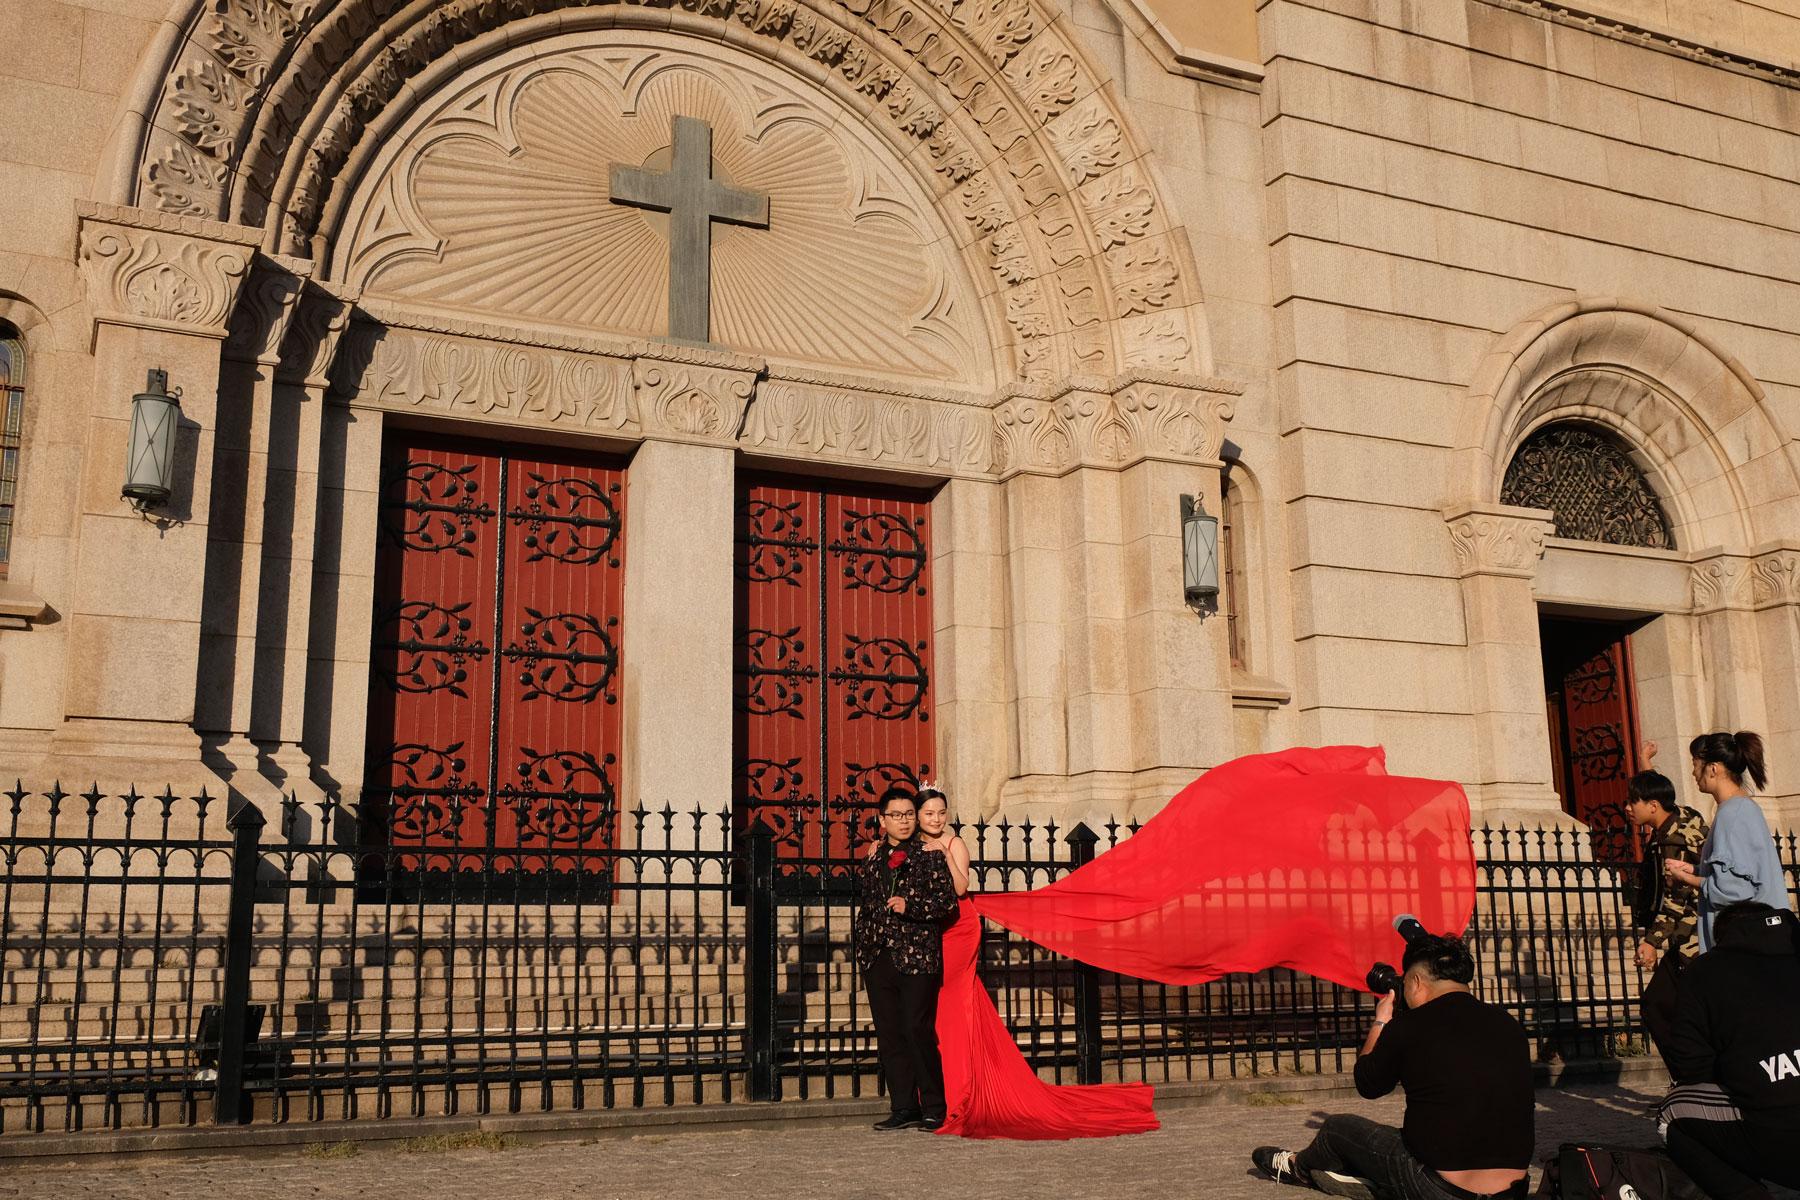 Hochzeitsshooting vor der St. Michaels Kirche in Qingdao.